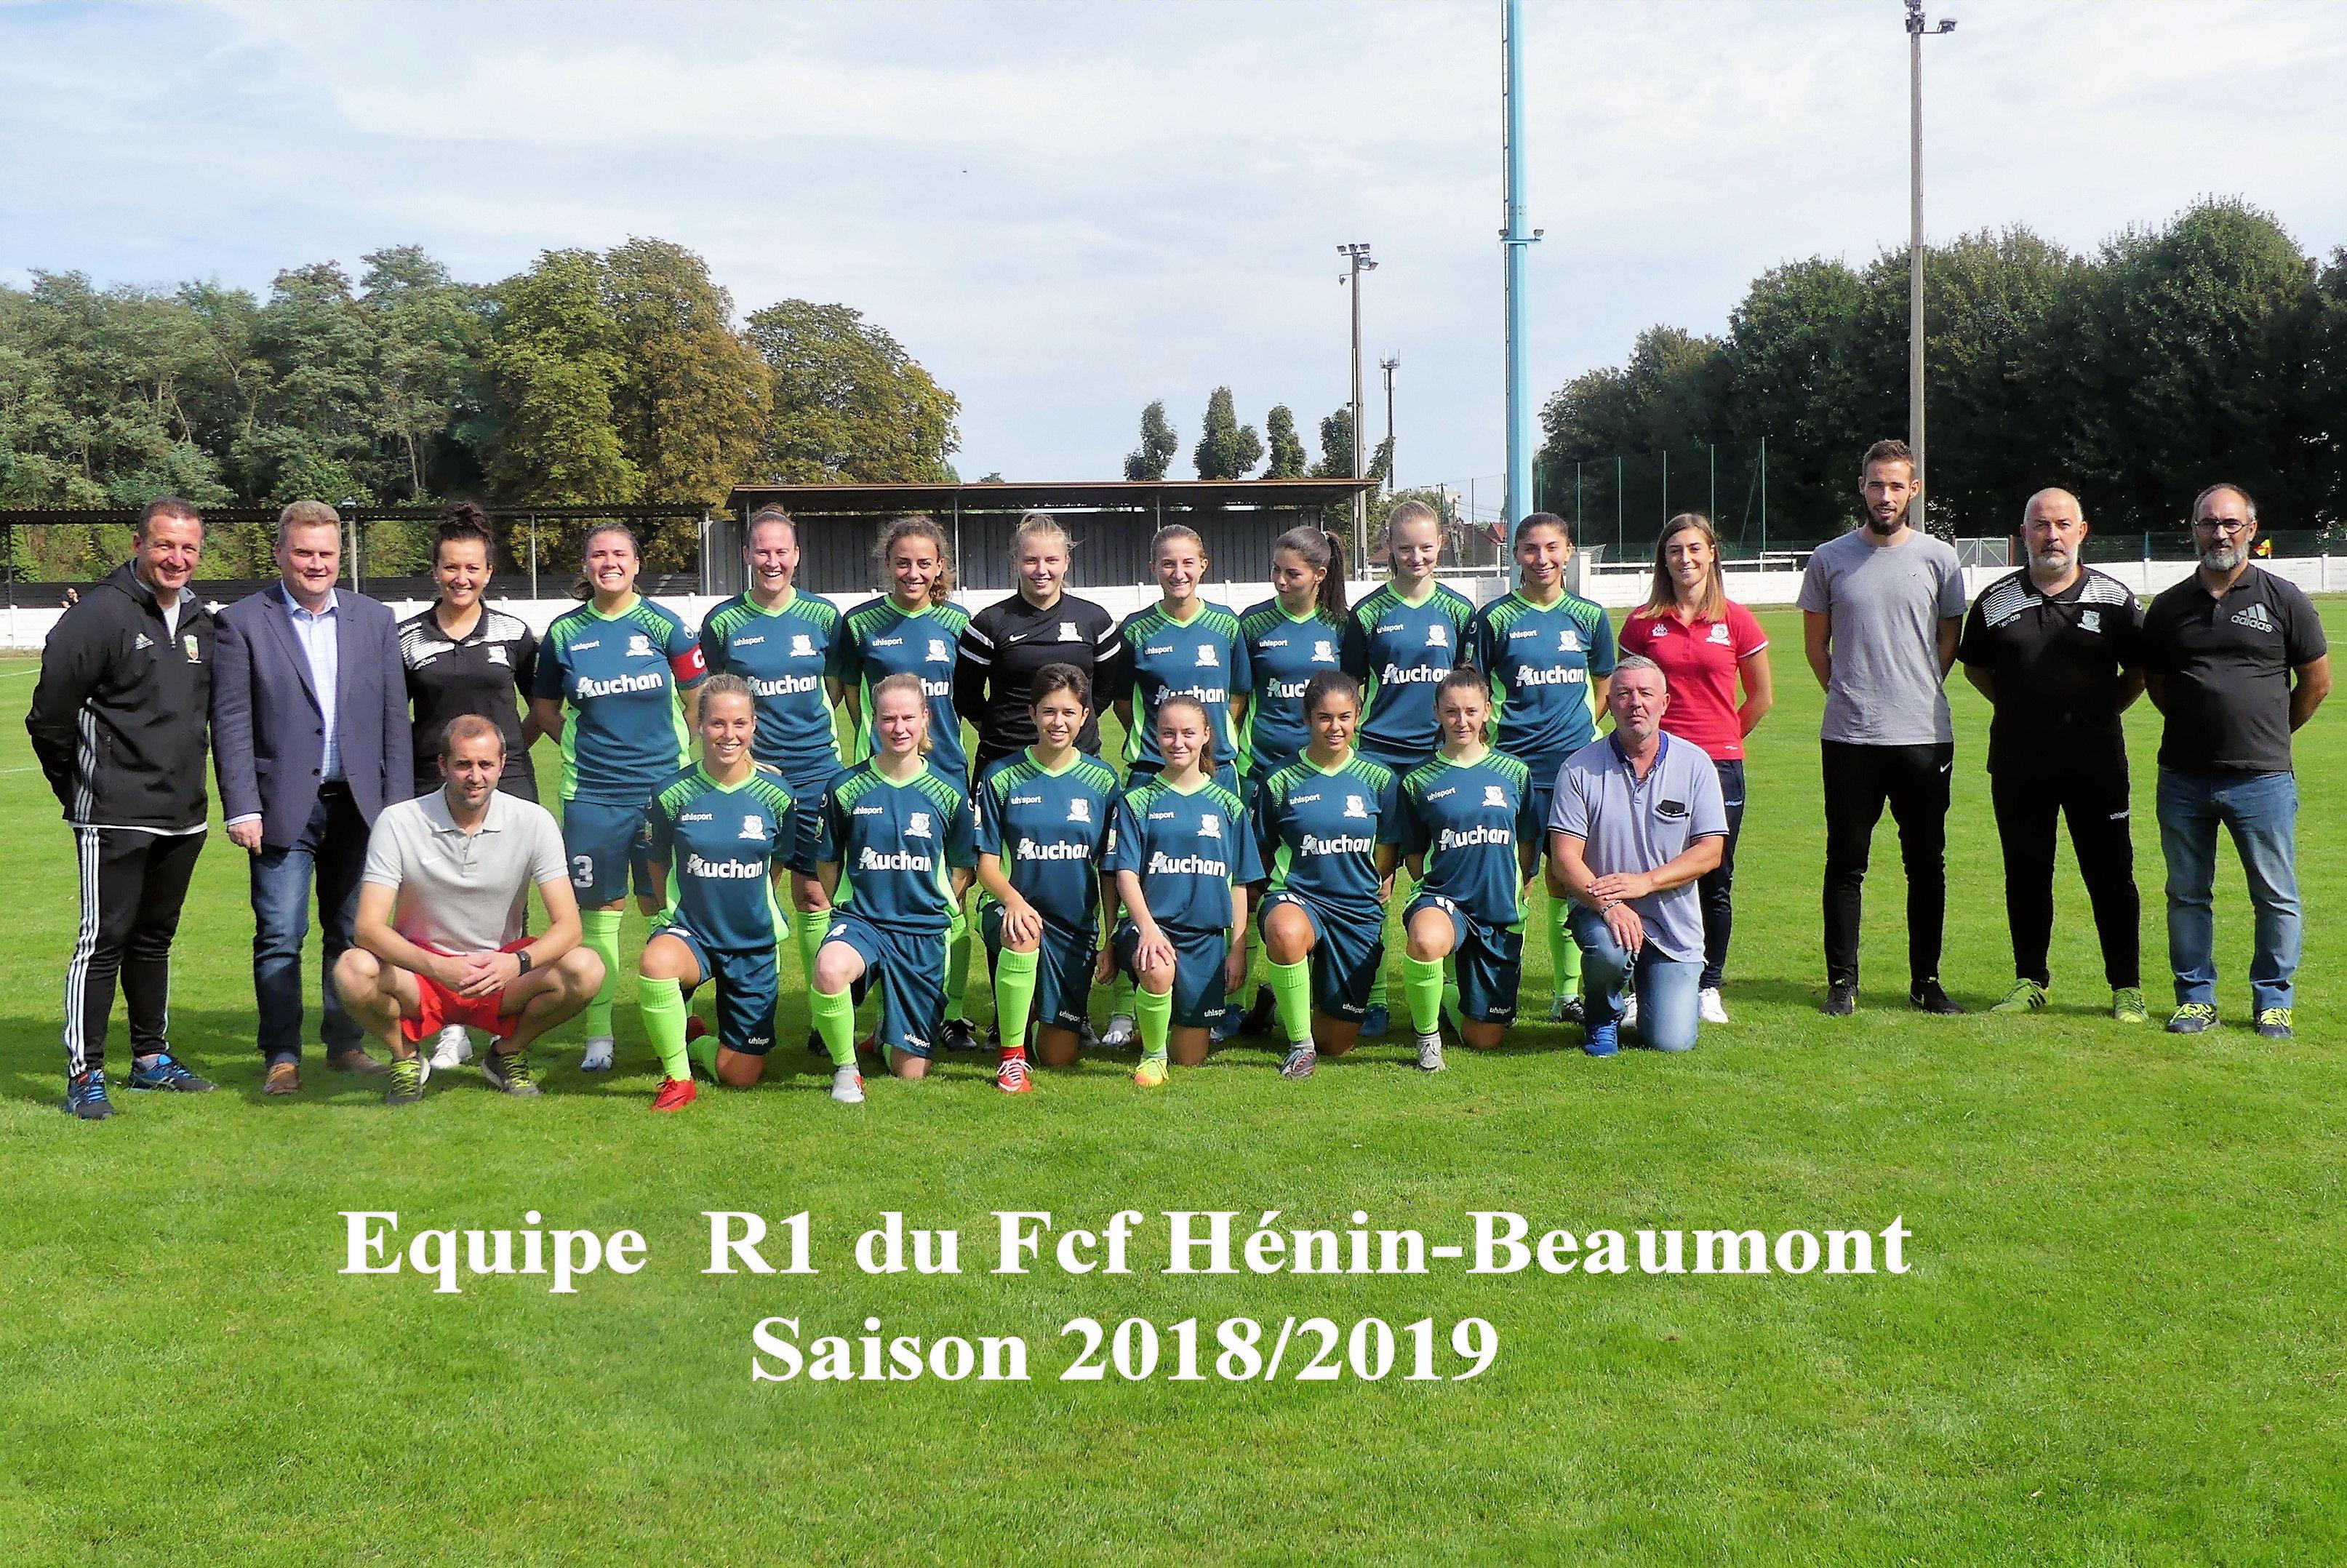 Présentation officielle équipe R1 d'Hénin-Beaumont